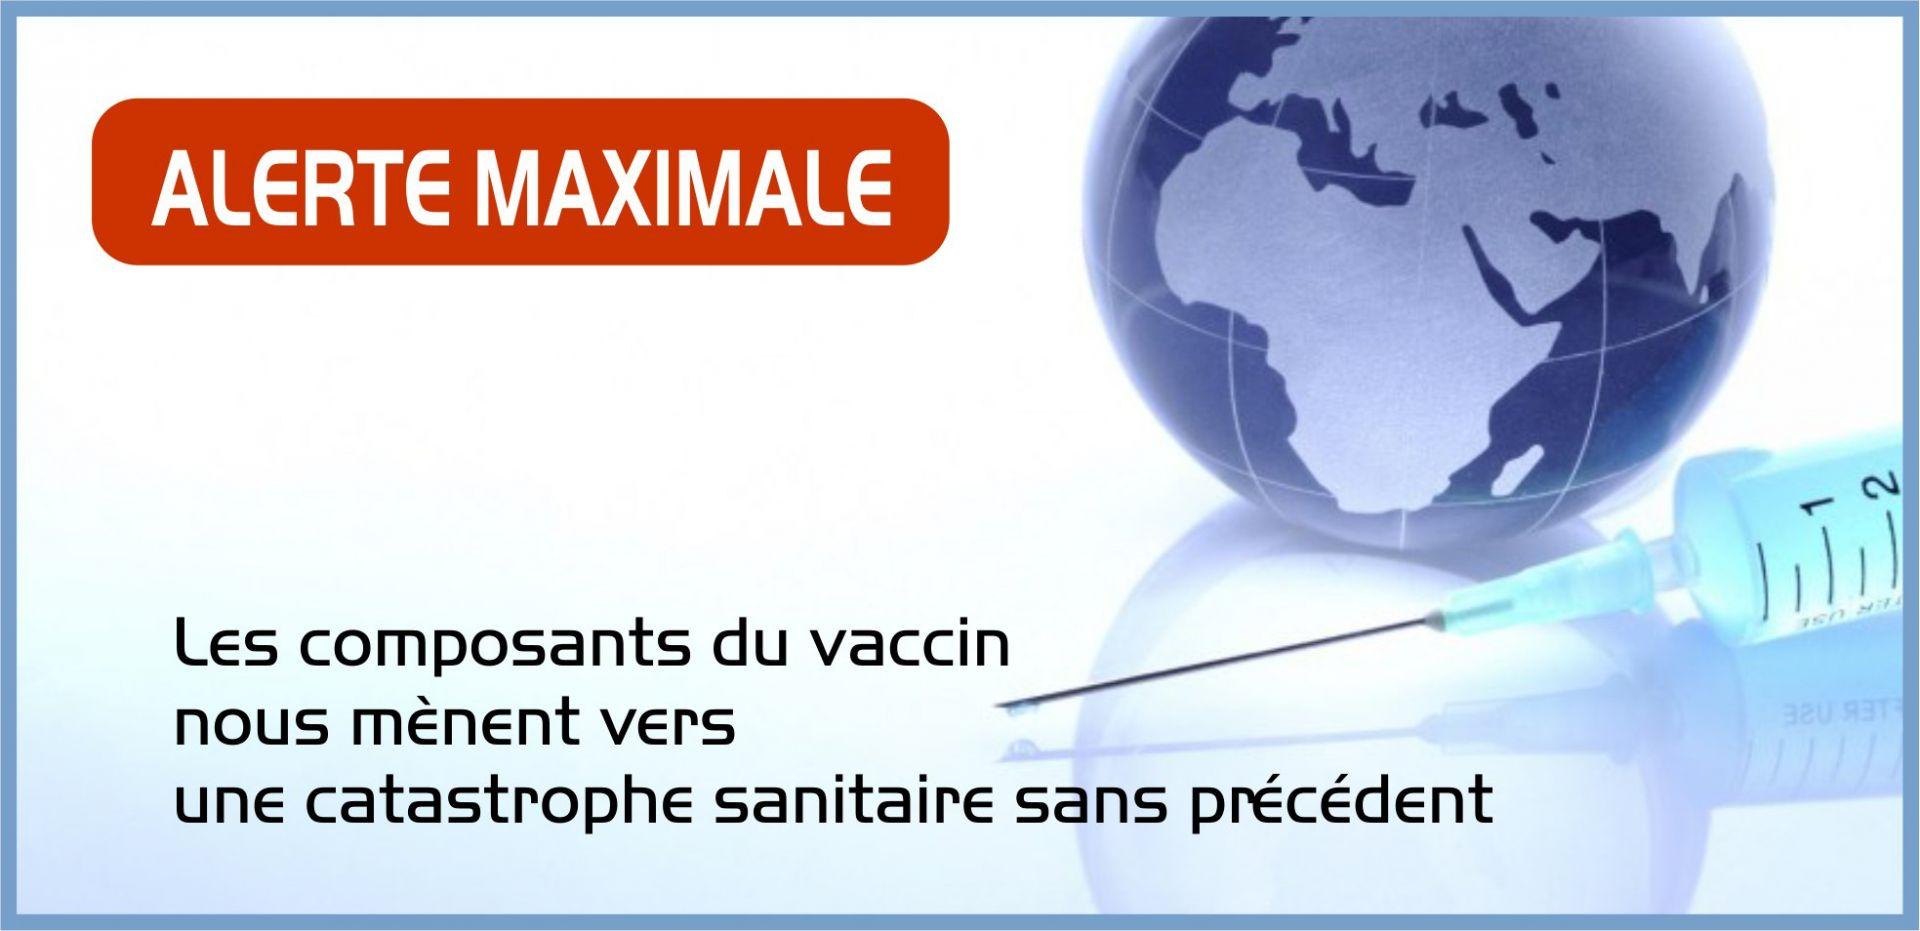 Geert Vanden Bossche Ph.D : Alerte: La vaccination risque d'entraîner une catastrophe mondiale sans égale